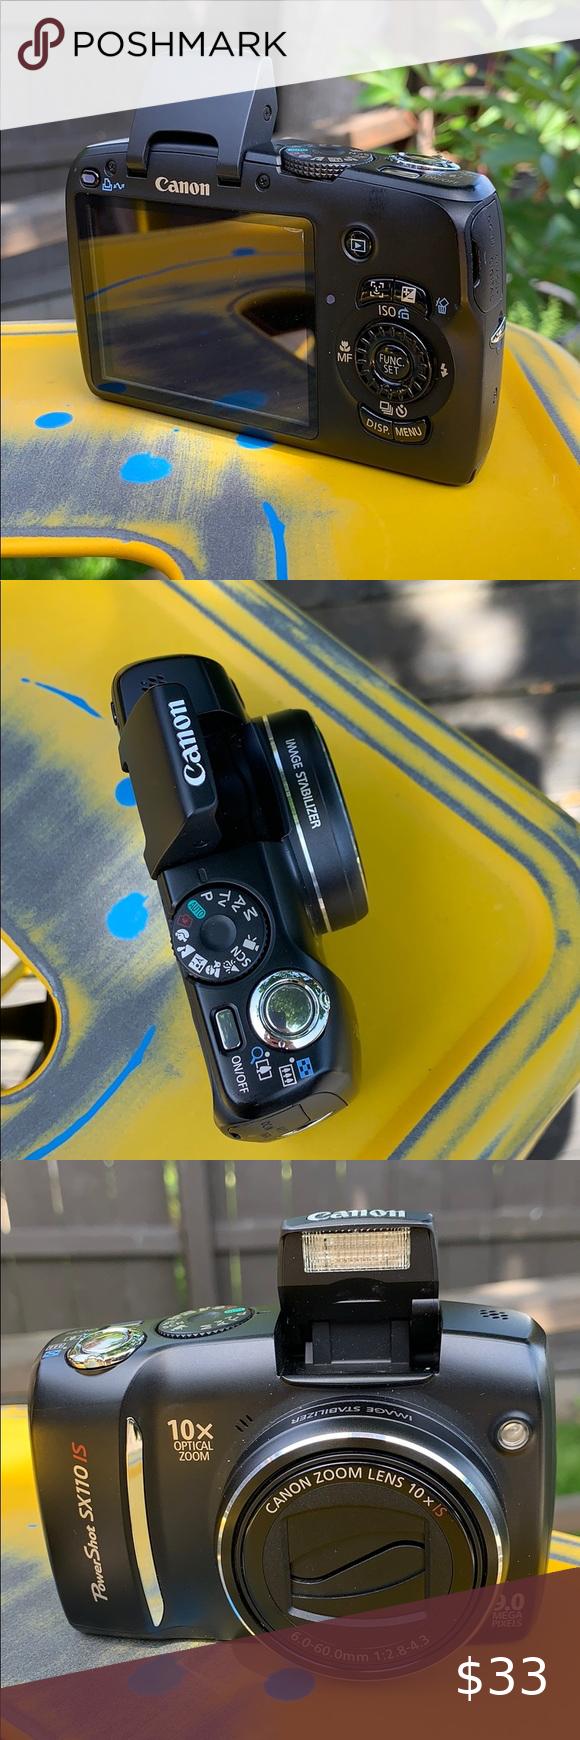 Canon Powershot Camera Sx110 Is Powershot Camera Canon Powershot Camera Powershot